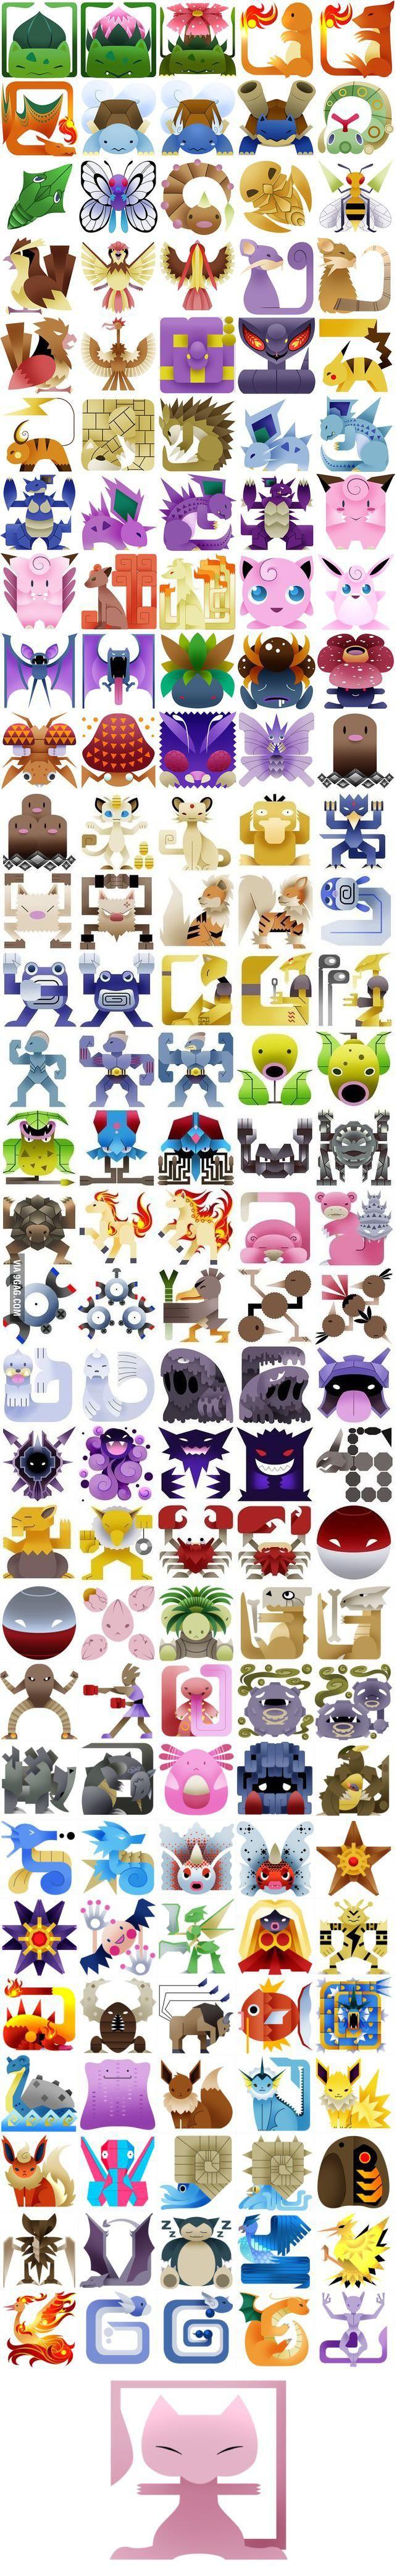 Gotta hunt them all: Pokemon x Monster Hunter!